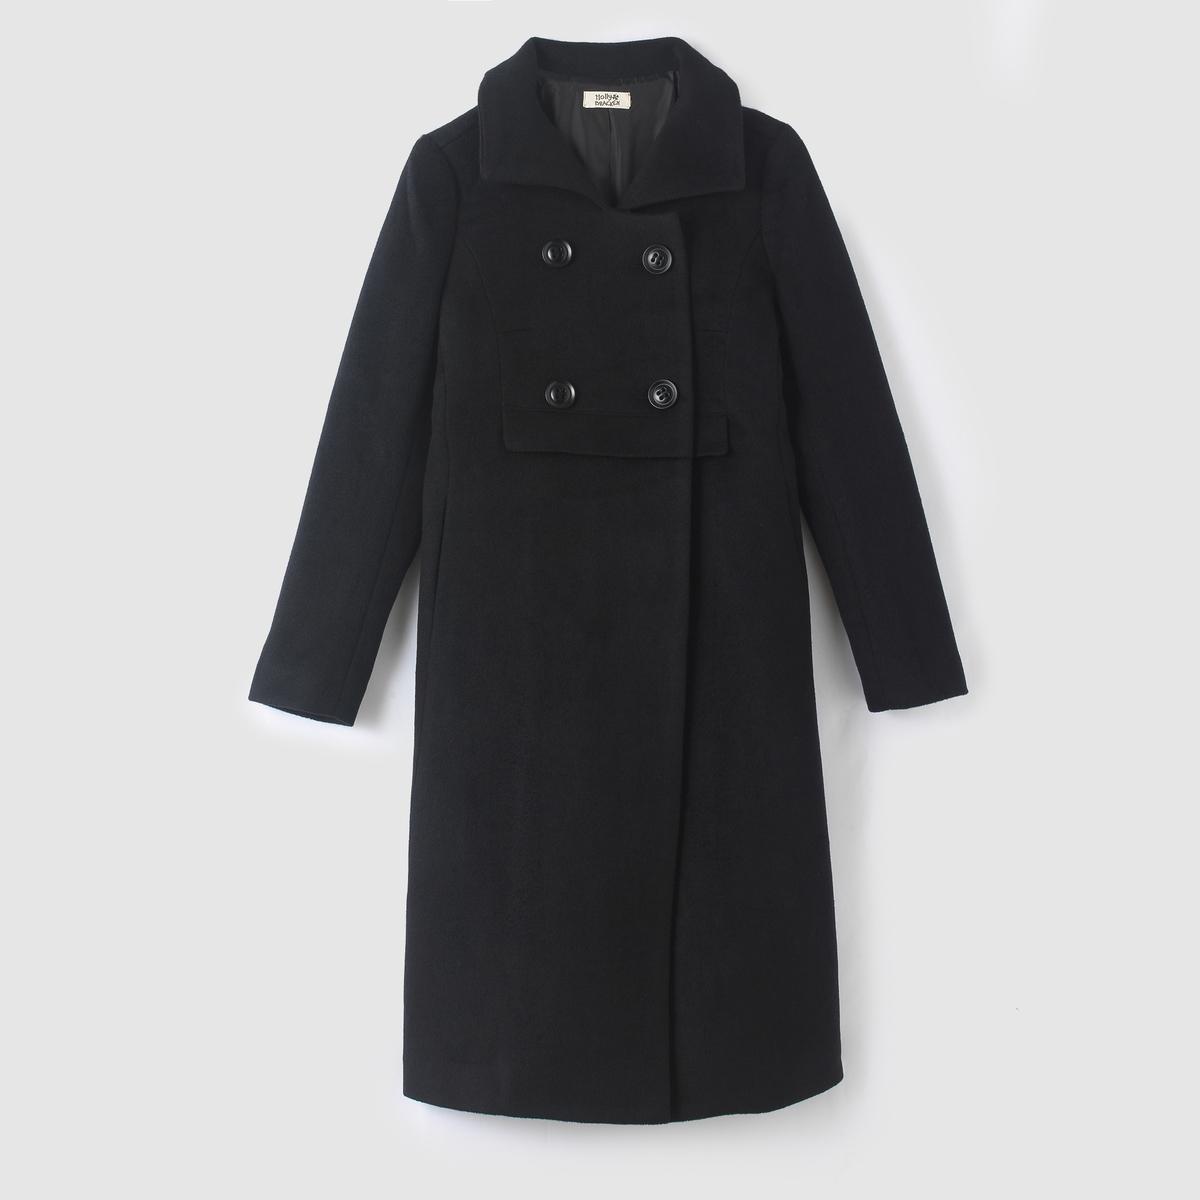 Пальто-плащ длинное, 4 пуговицыПальто MOLLY BRACKEN. Длинное пальто-плащ. Застёжка на 4 пуговицы на груди. Длинные рукава.  Состав и описание :Материал : 70% полиэстера, 30% шерсти. Подкладка : 100% полиэстераМарка : MOLLY BRACKEN.УходРучная стирка<br><br>Цвет: черный<br>Размер: M.S